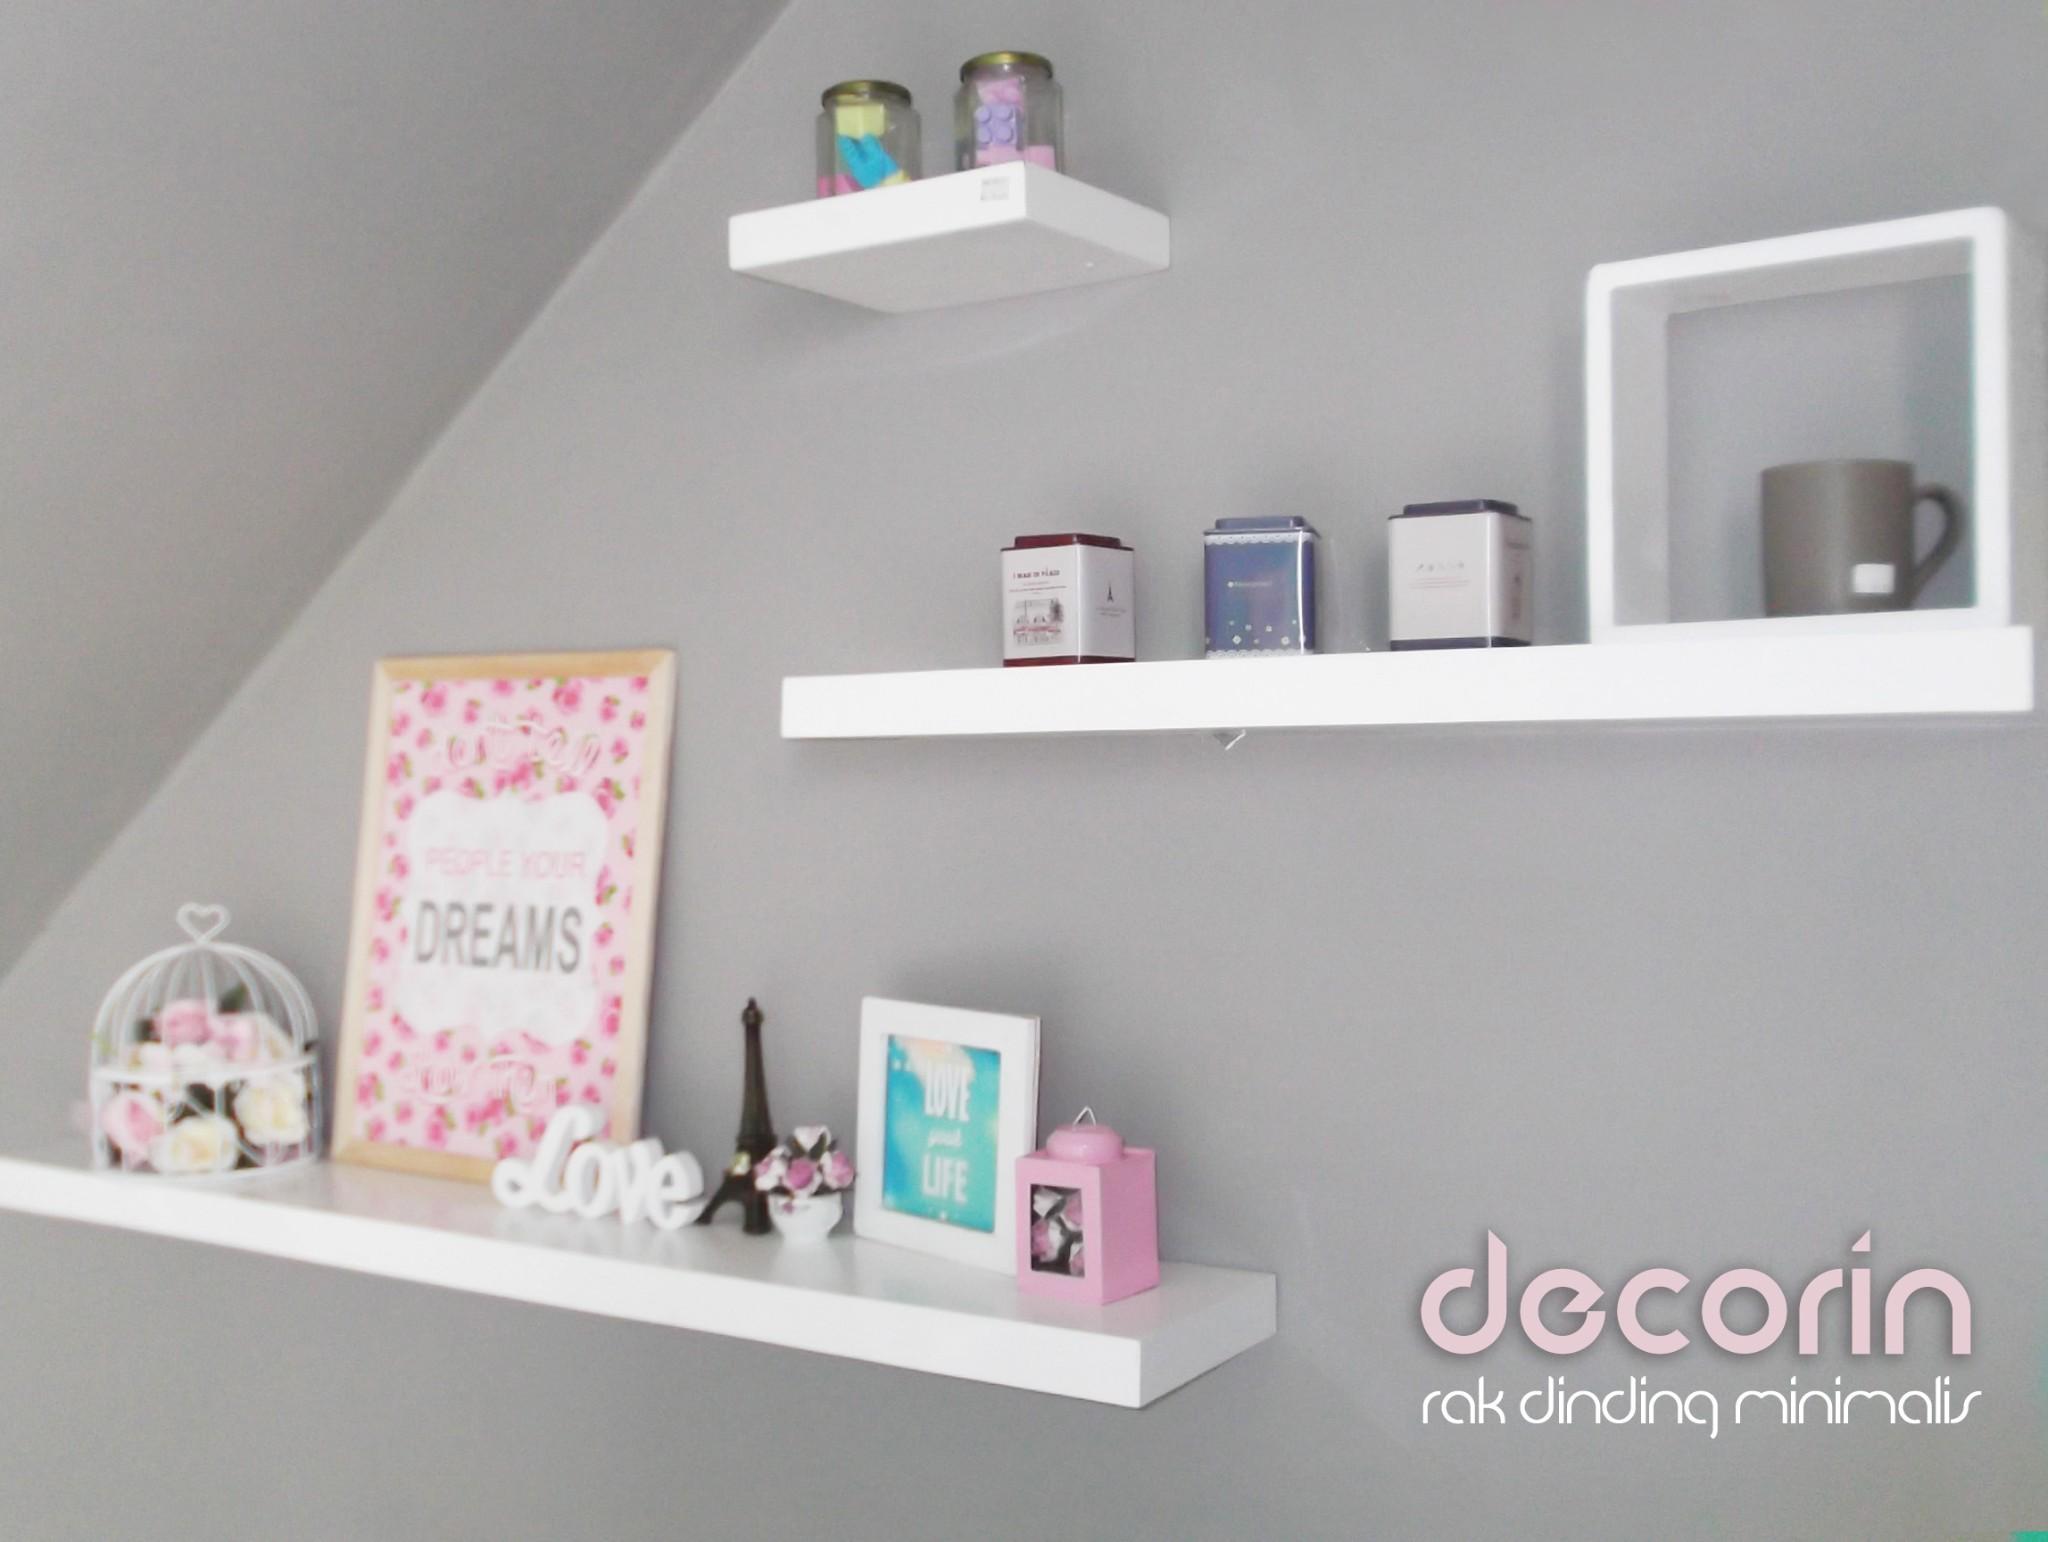 Jual 1 Set Floating Shelves Rak Dinding Ambalan Veco Sheet Isi 3 Pcs Decorin Tokopedia